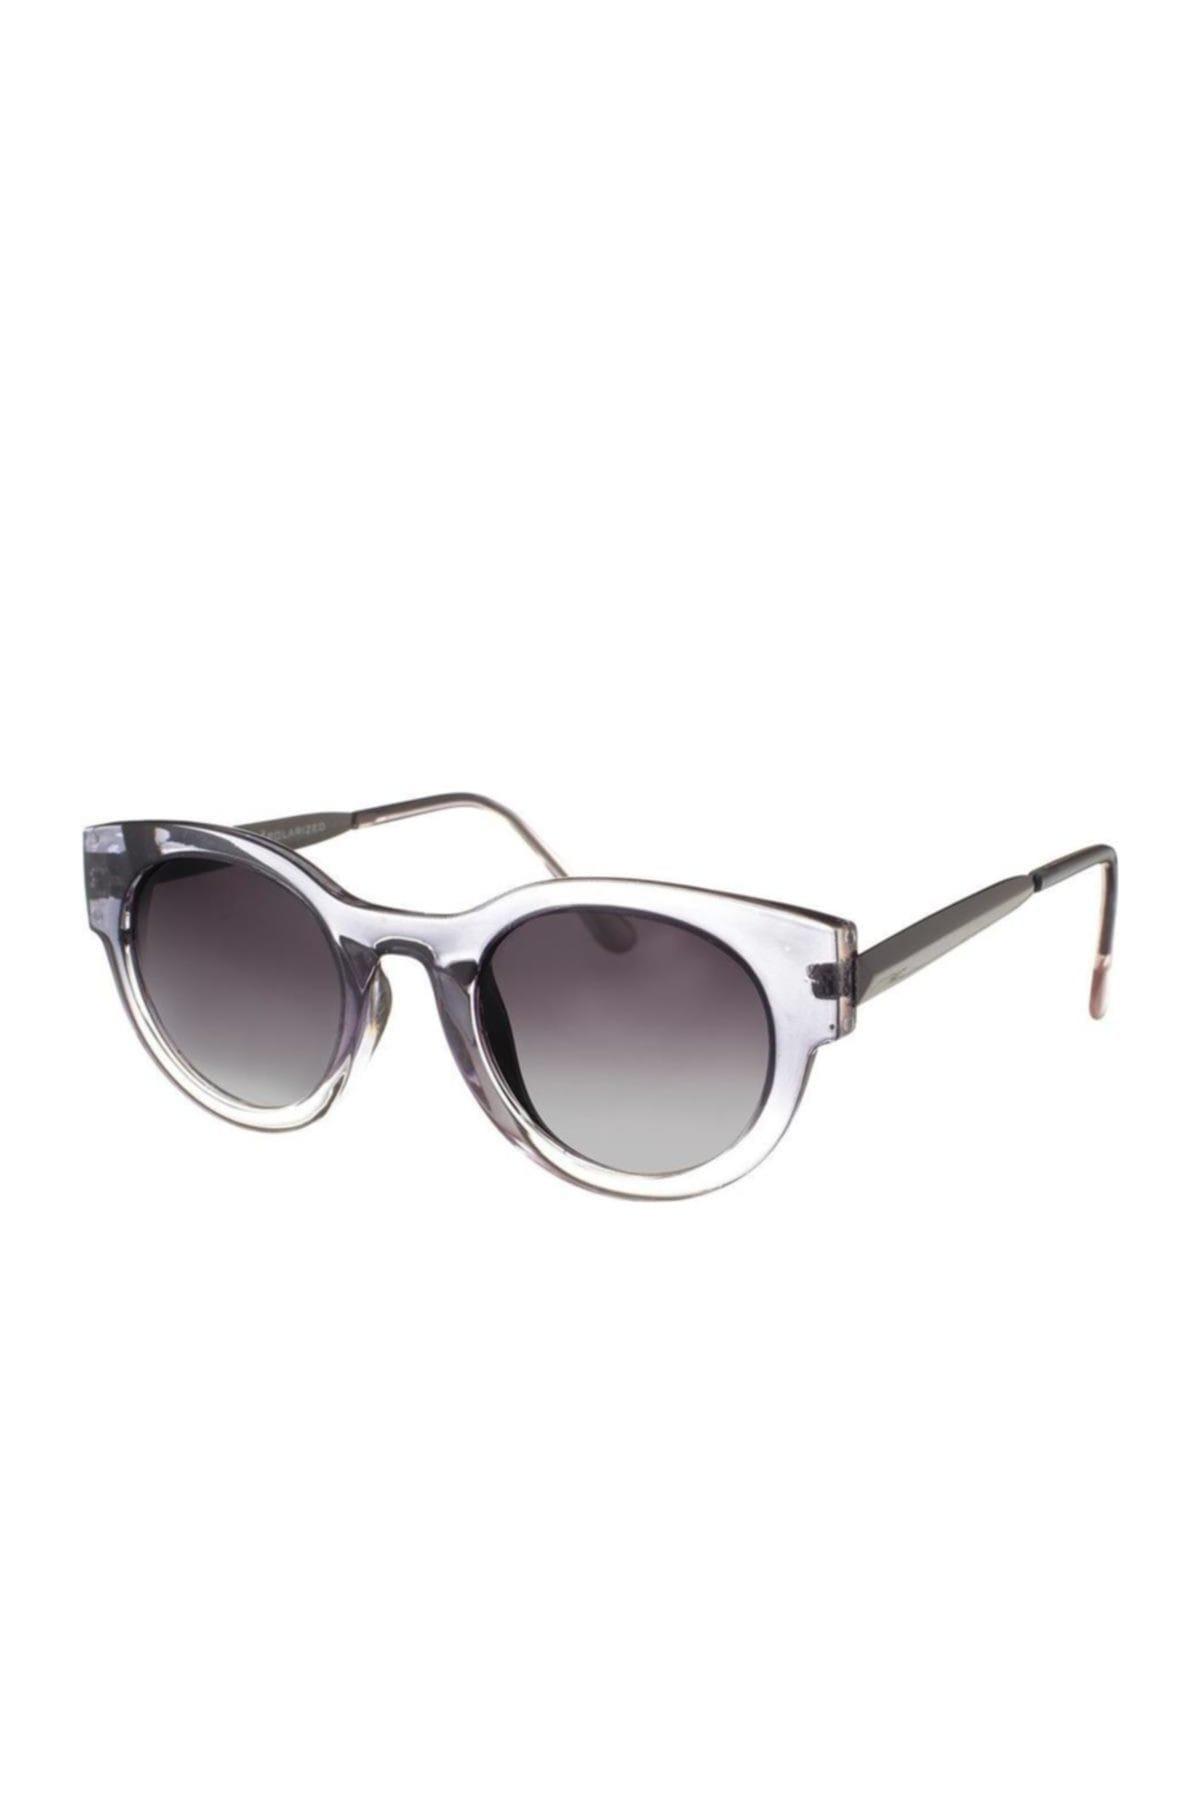 عینک آفتابی زنانه ست برند Daniel Klein رنگ مشکی کد ty5898704